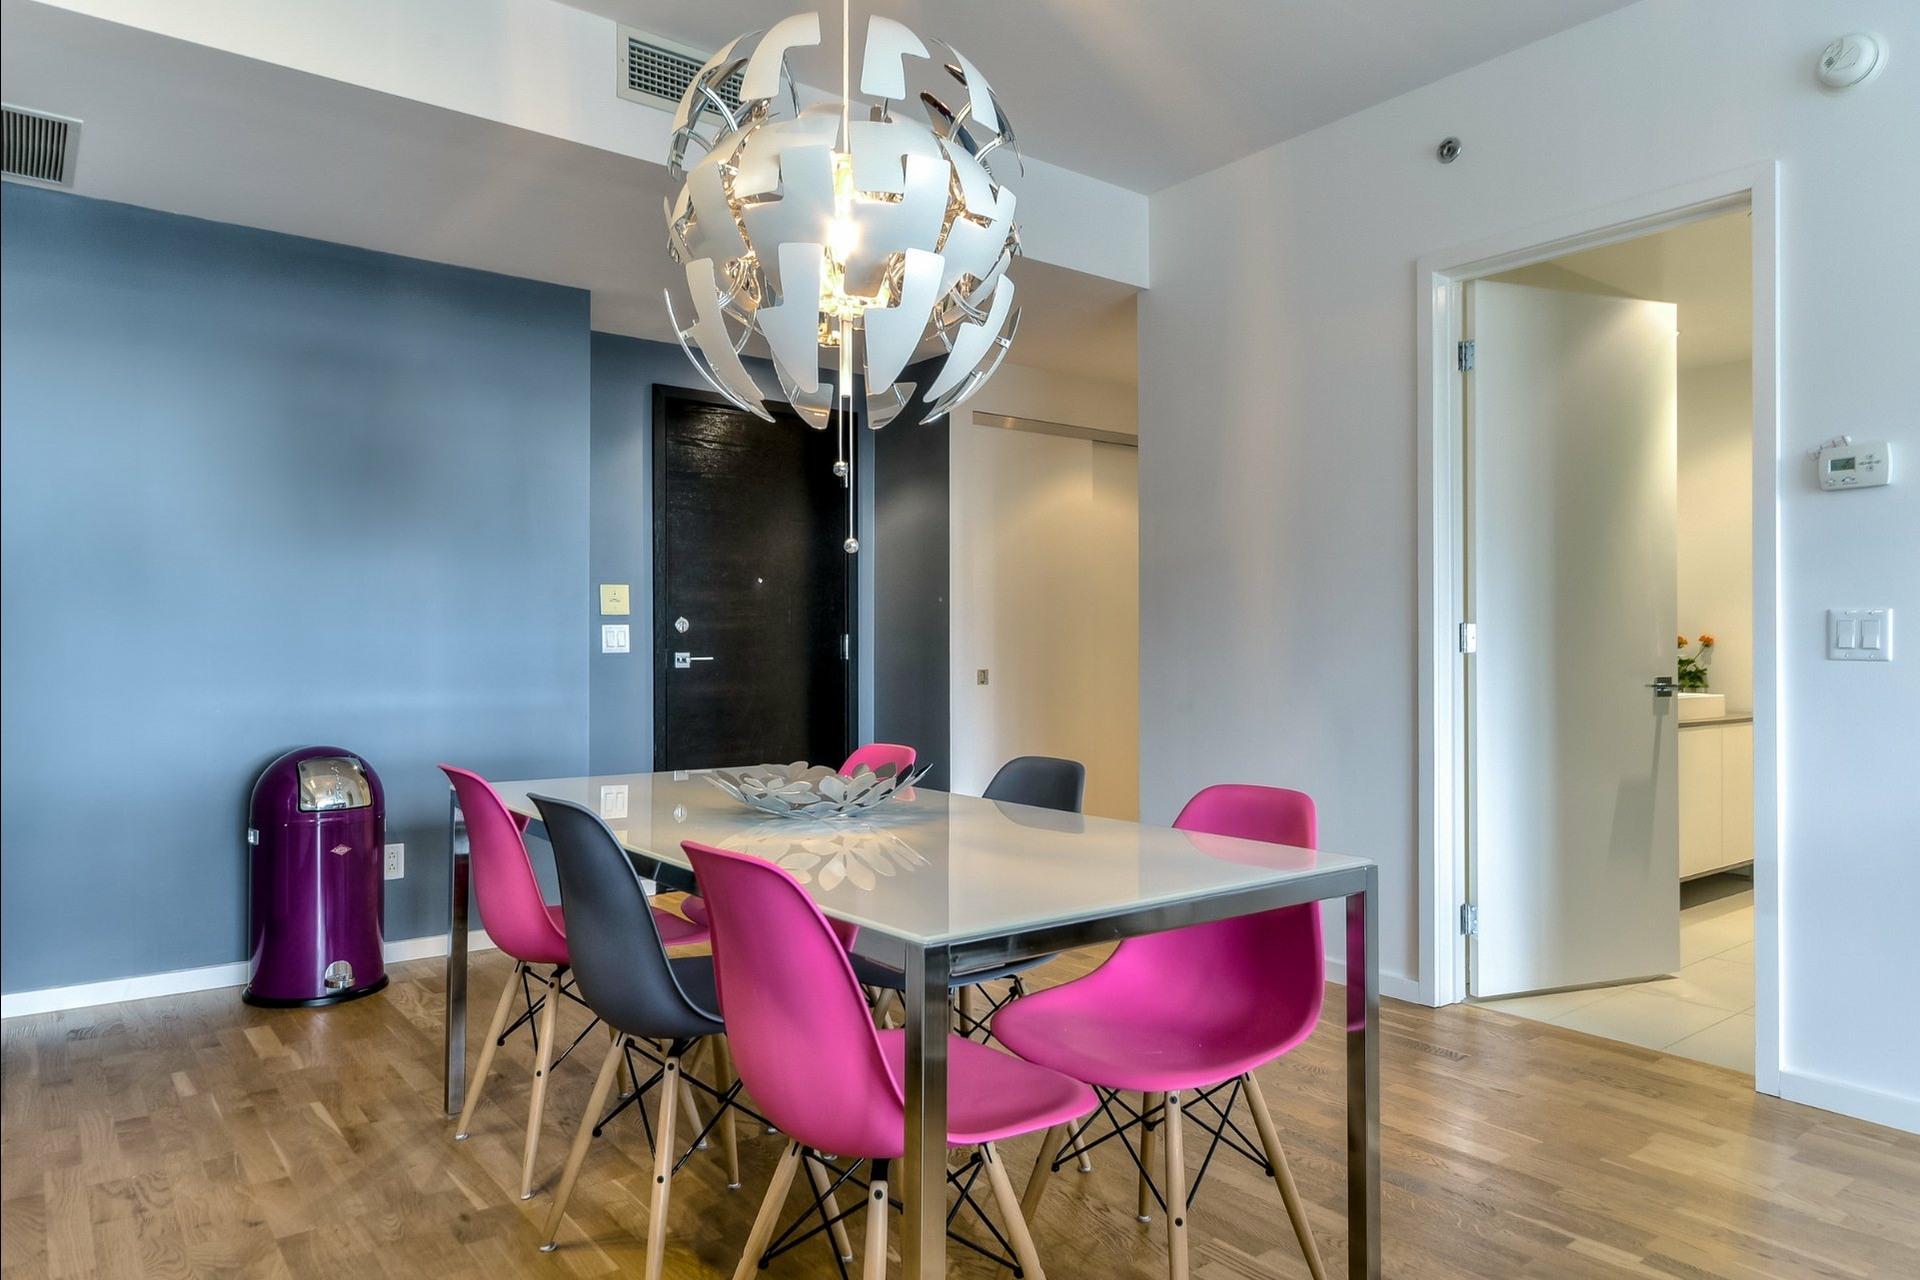 image 4 - Appartement À louer Ville-Marie Montréal  - 5 pièces